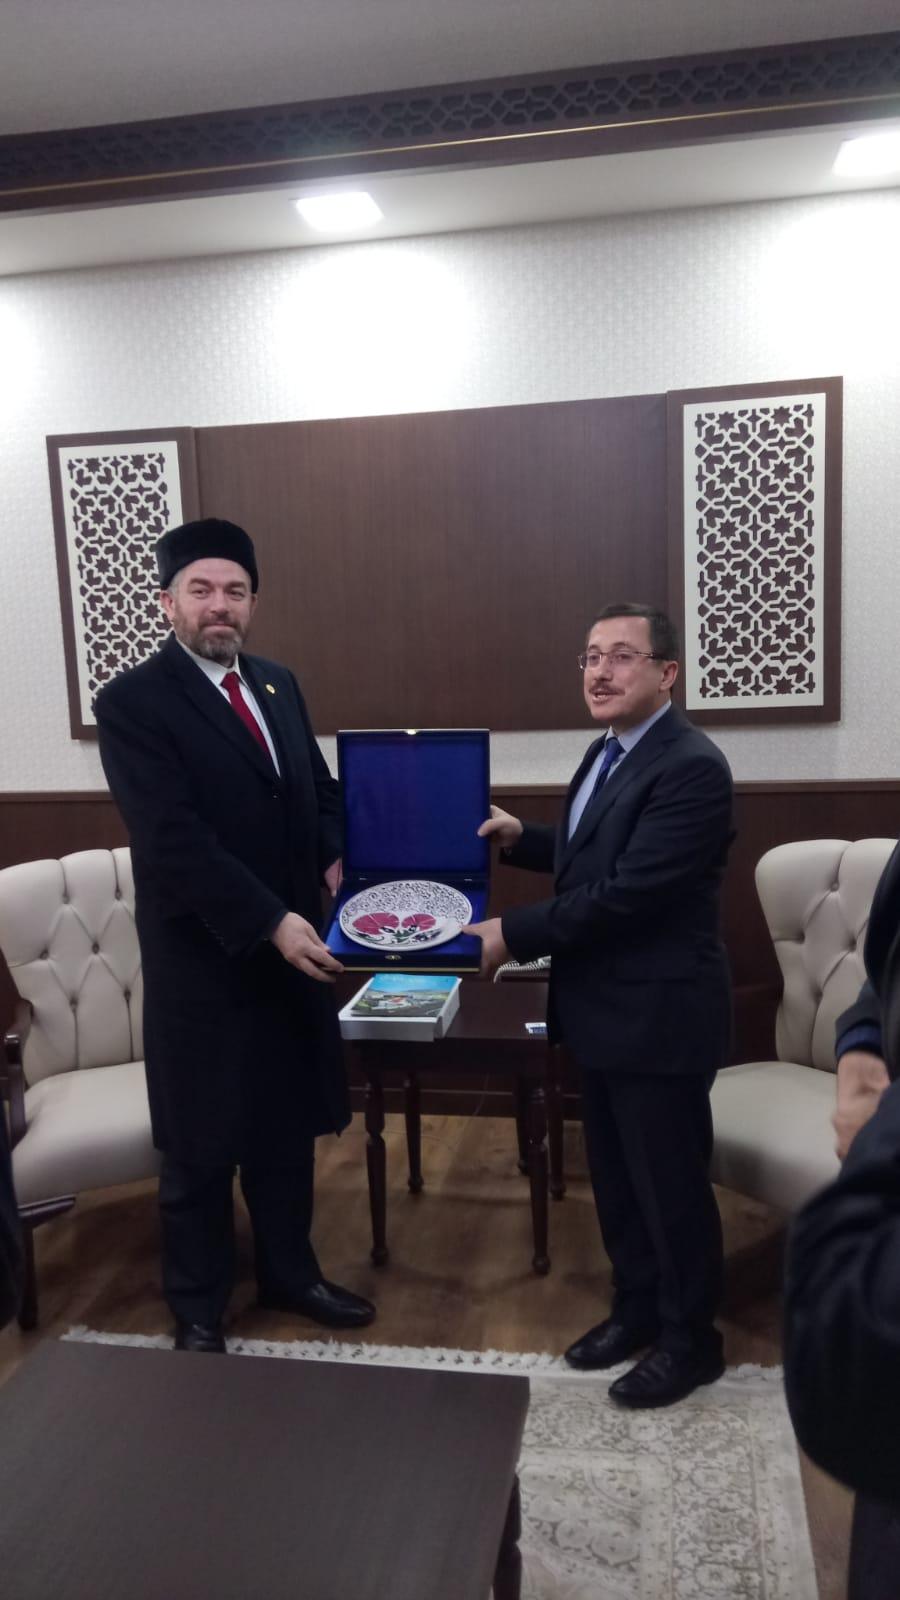 رئيس جامعة طرابلس مشاركا في المؤتمر الدولي لجامعة إينونو في تركيا وموقعا اتفاقية تعاون علمي وثقافي (2/2)